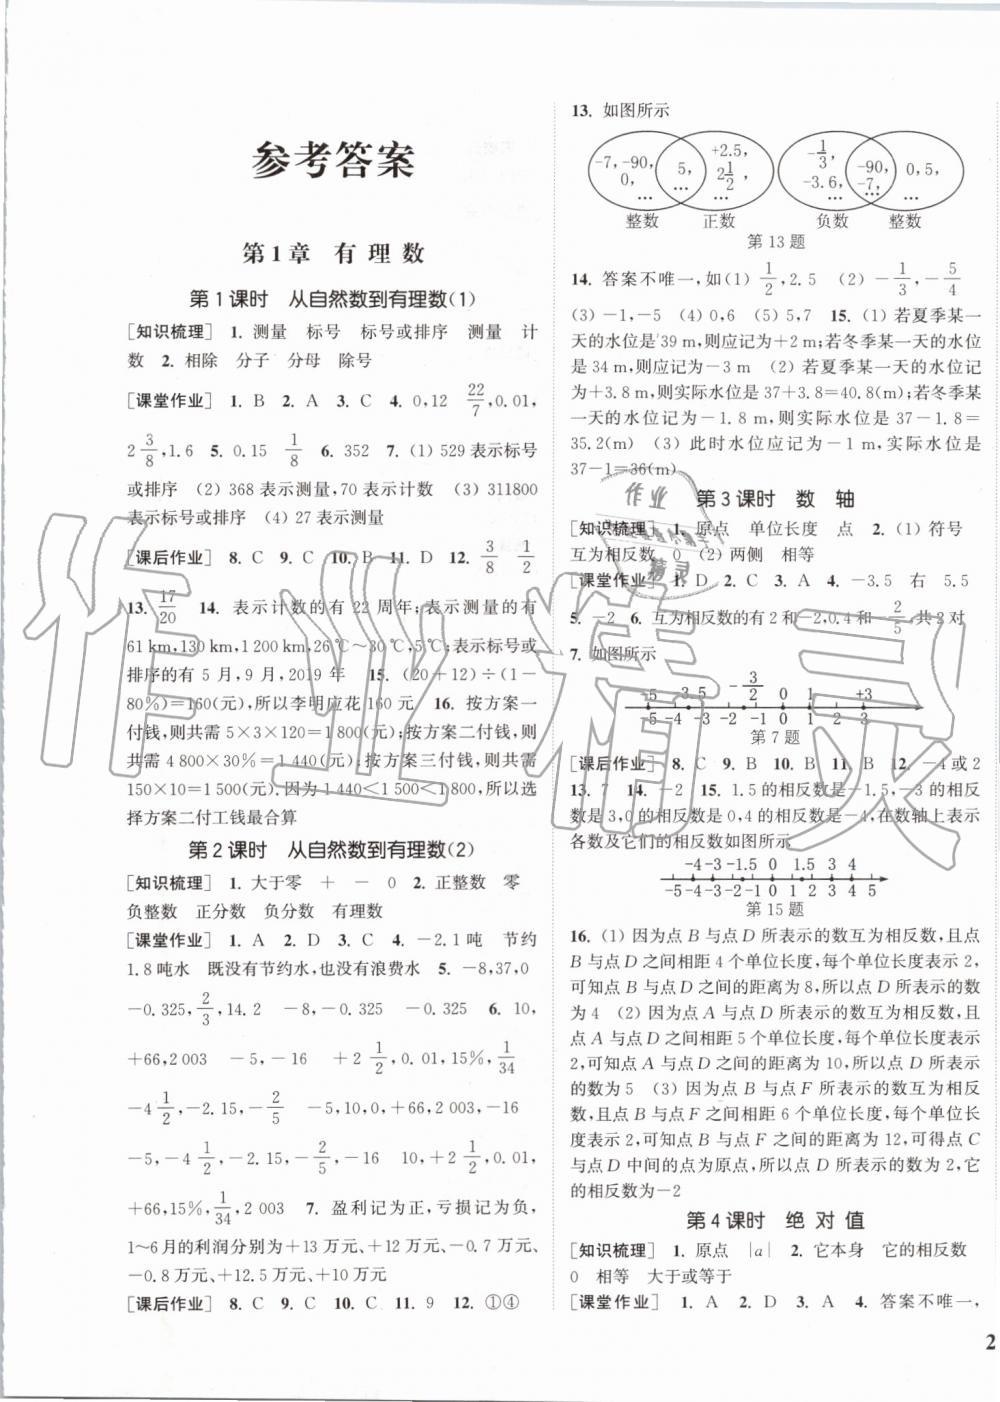 2019年通城学典课时作业本七年级数学上册浙教版第1页